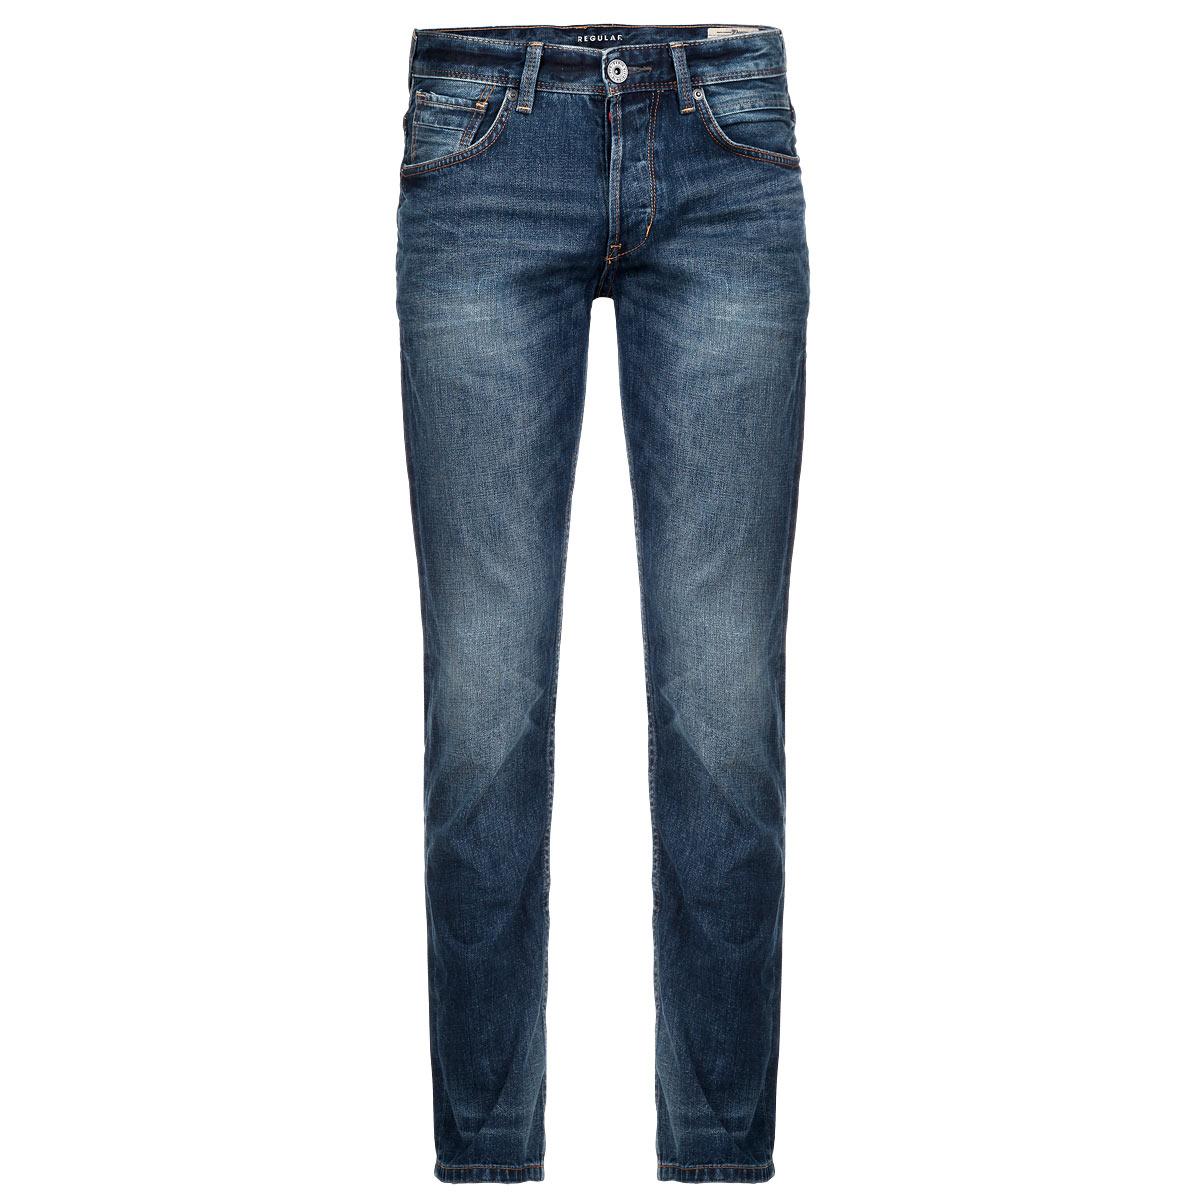 Джинсы мужские. 6203562.09.126203562.09.12Стильные мужские джинсы Tom Tailor Denim - джинсы высочайшего качества, которые прекрасно сидят. Они отлично сочетаются с разными рубашками и футболками, создавая образ, как на каждый день, так и для отдыха. Джинсы классической посадки изготовлены из высококачественного материала, не сковывают движения. Застегиваются джинсы на молнию и пуговицу, имеются шлевки для ремня. Джинсы имеют классический пятикарманный крой: спереди модель оформлены двумя втачными карманами и одним маленьким прорезным кармашком, а сзади - двумя накладными карманами. Эти модные и в тоже время удобные джинсы помогут вам создать оригинальный современный образ. В них вы всегда будете чувствовать себя уверенно и комфортно.